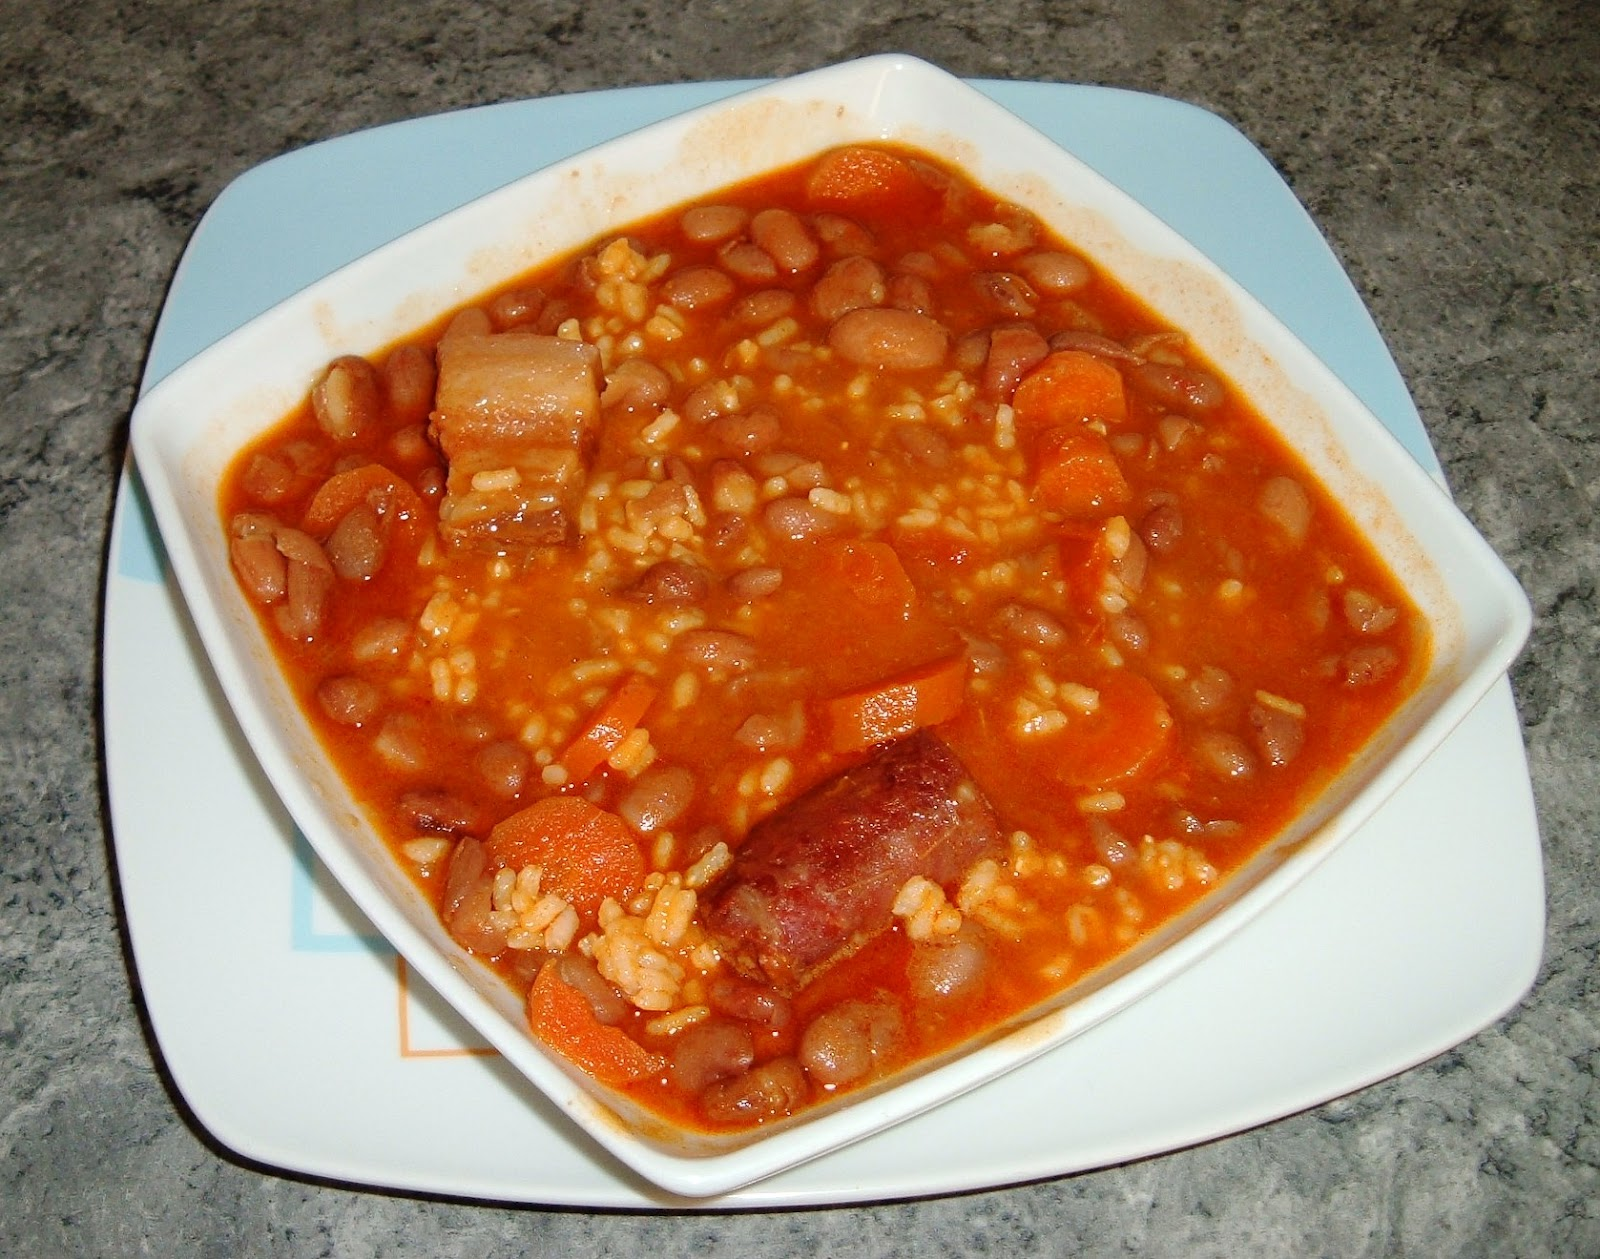 Las recetas caseras de may judias pintas con arroz - Judias pintas con manitas ...